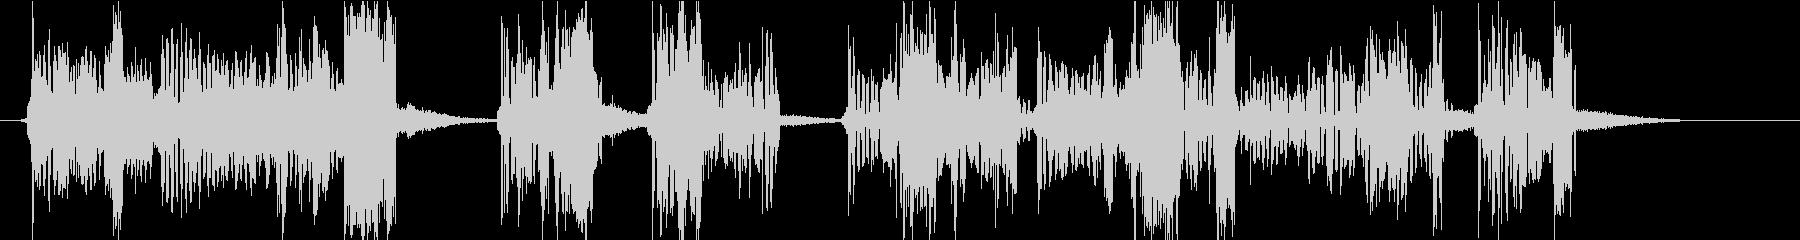 効果音|ロボット対戦[ロング]の未再生の波形